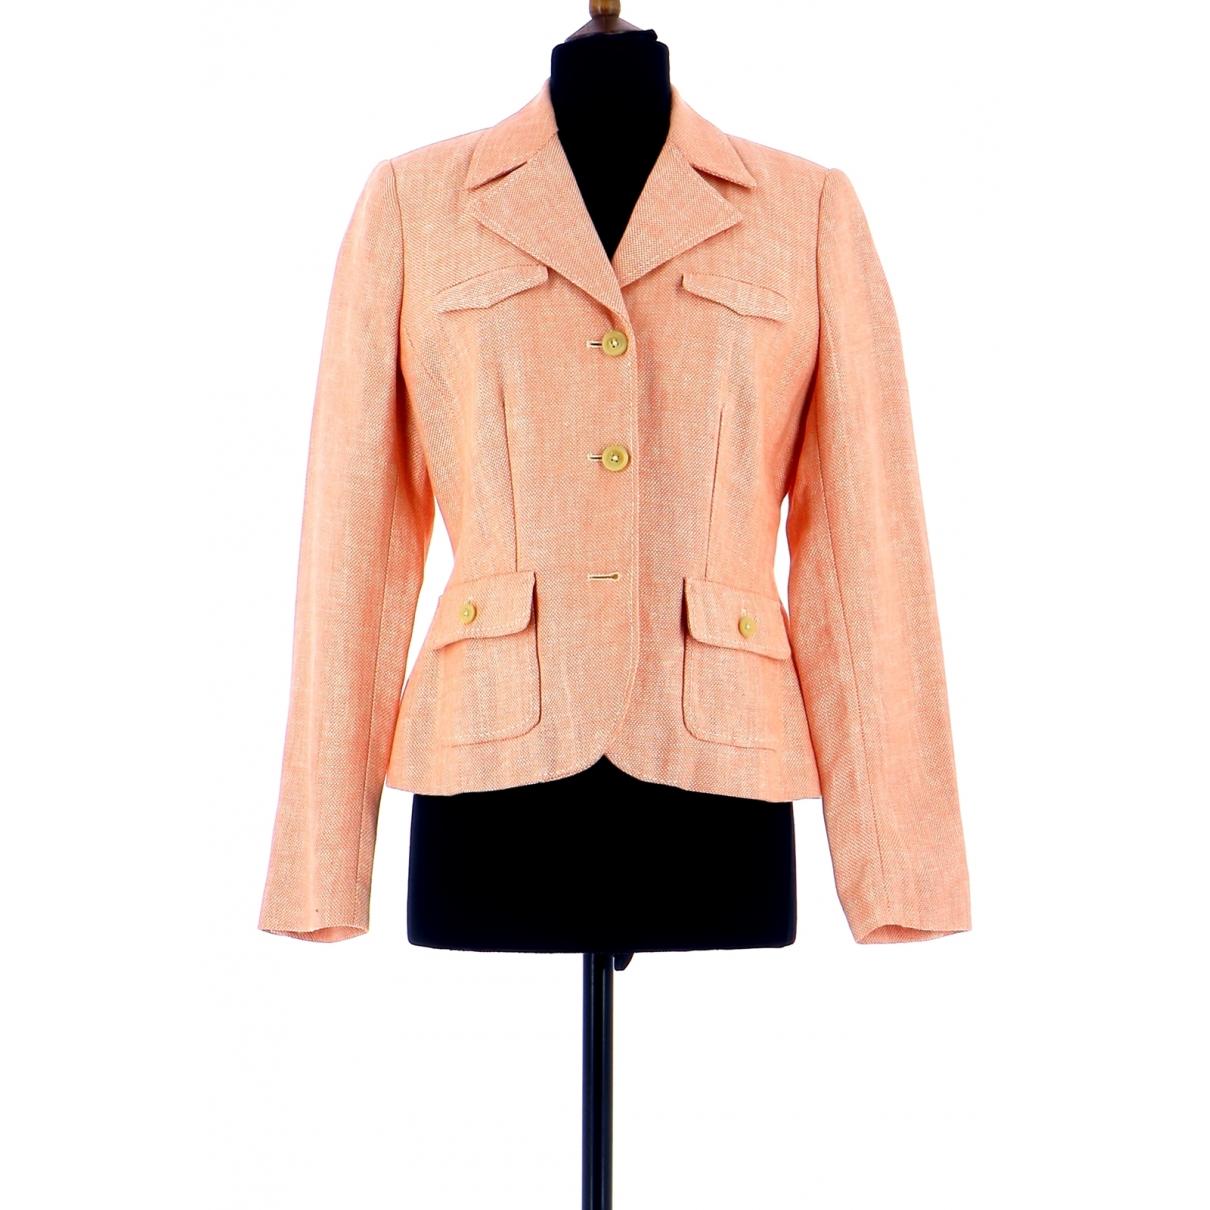 Tommy Hilfiger \N Pink Linen jacket for Women 36 FR